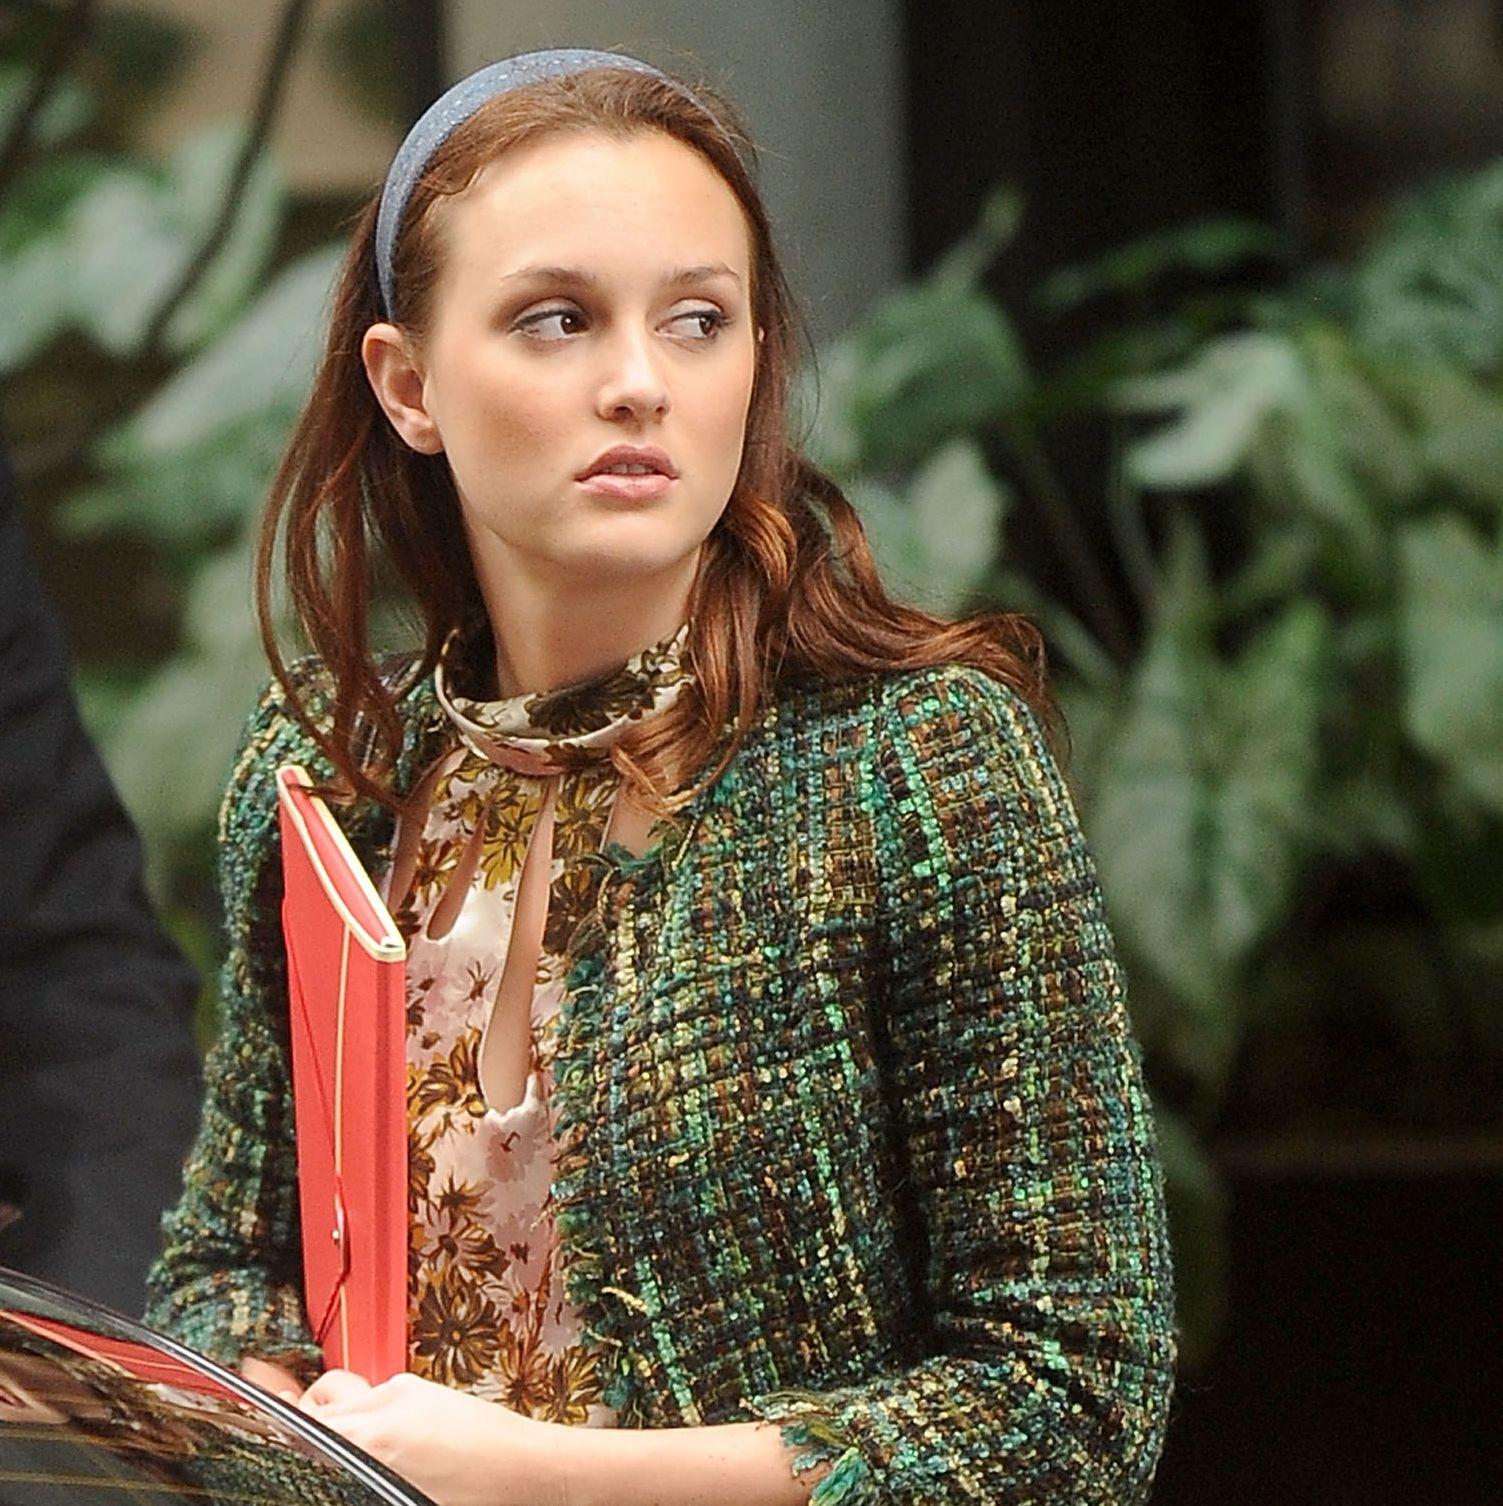 On Location For 'Gossip Girl' In New York City - September 3, 2010